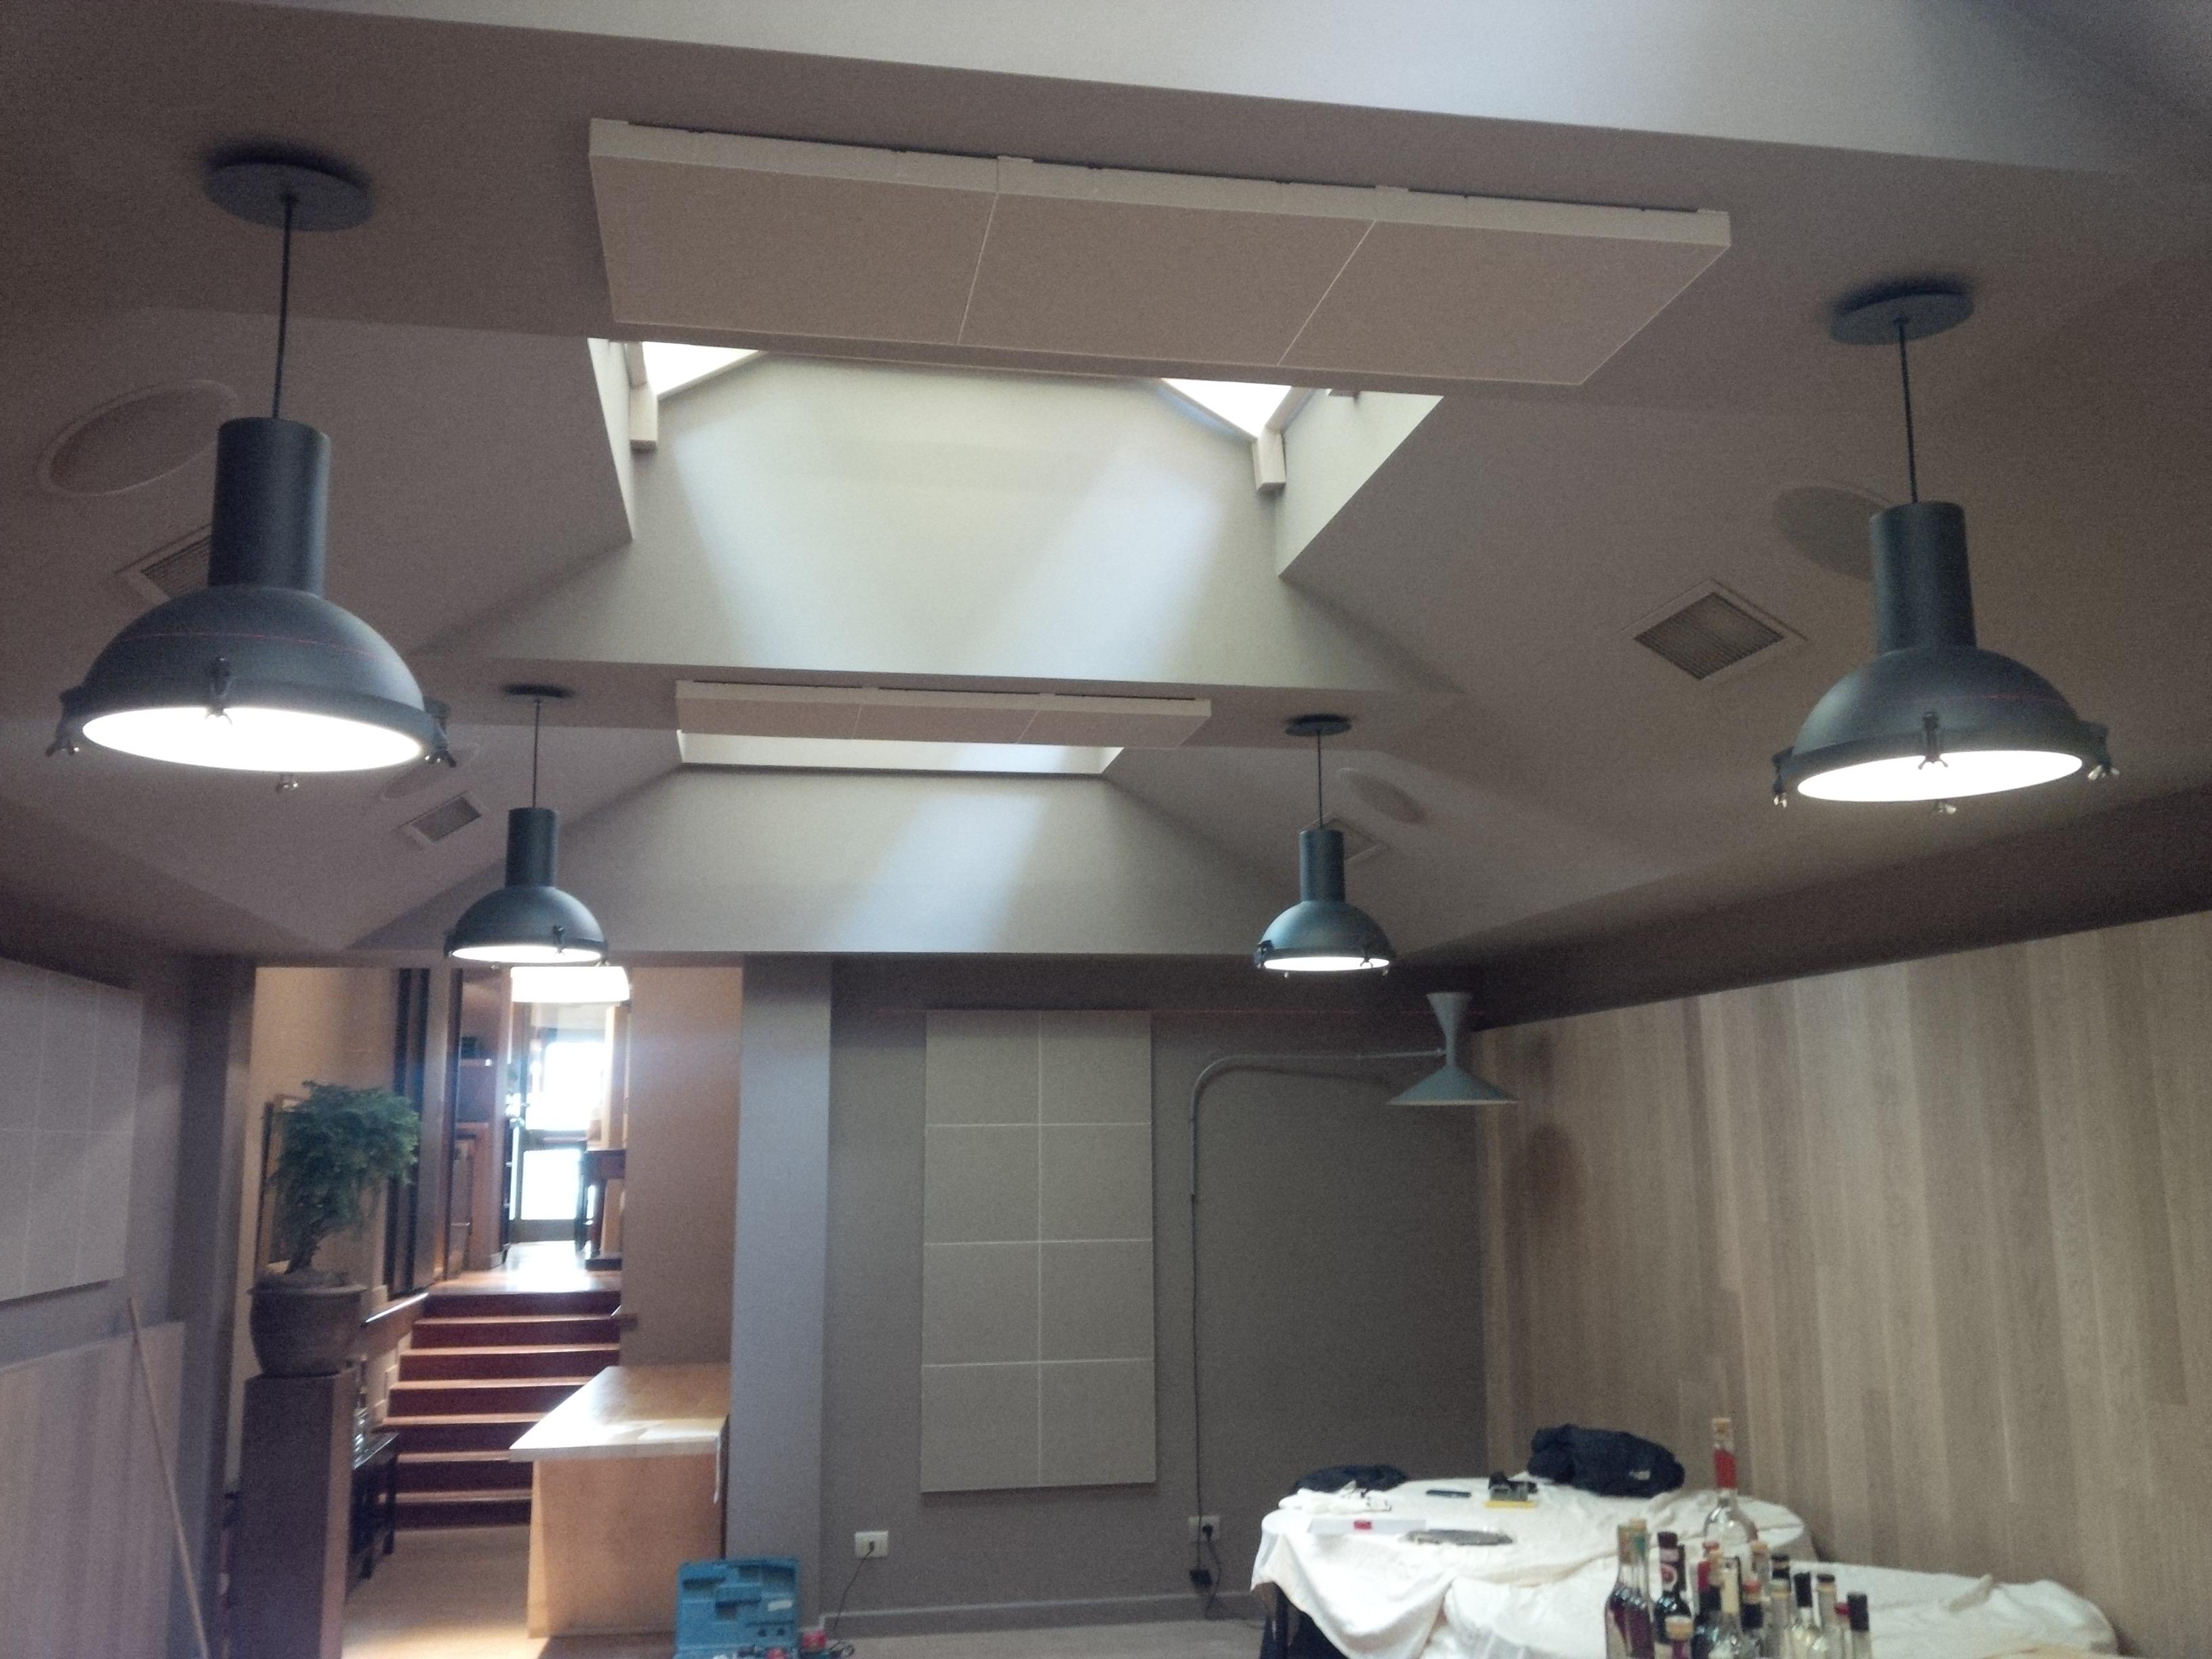 Correzione acustica pareti e soffitti ristoirante milano con pannelli stylli